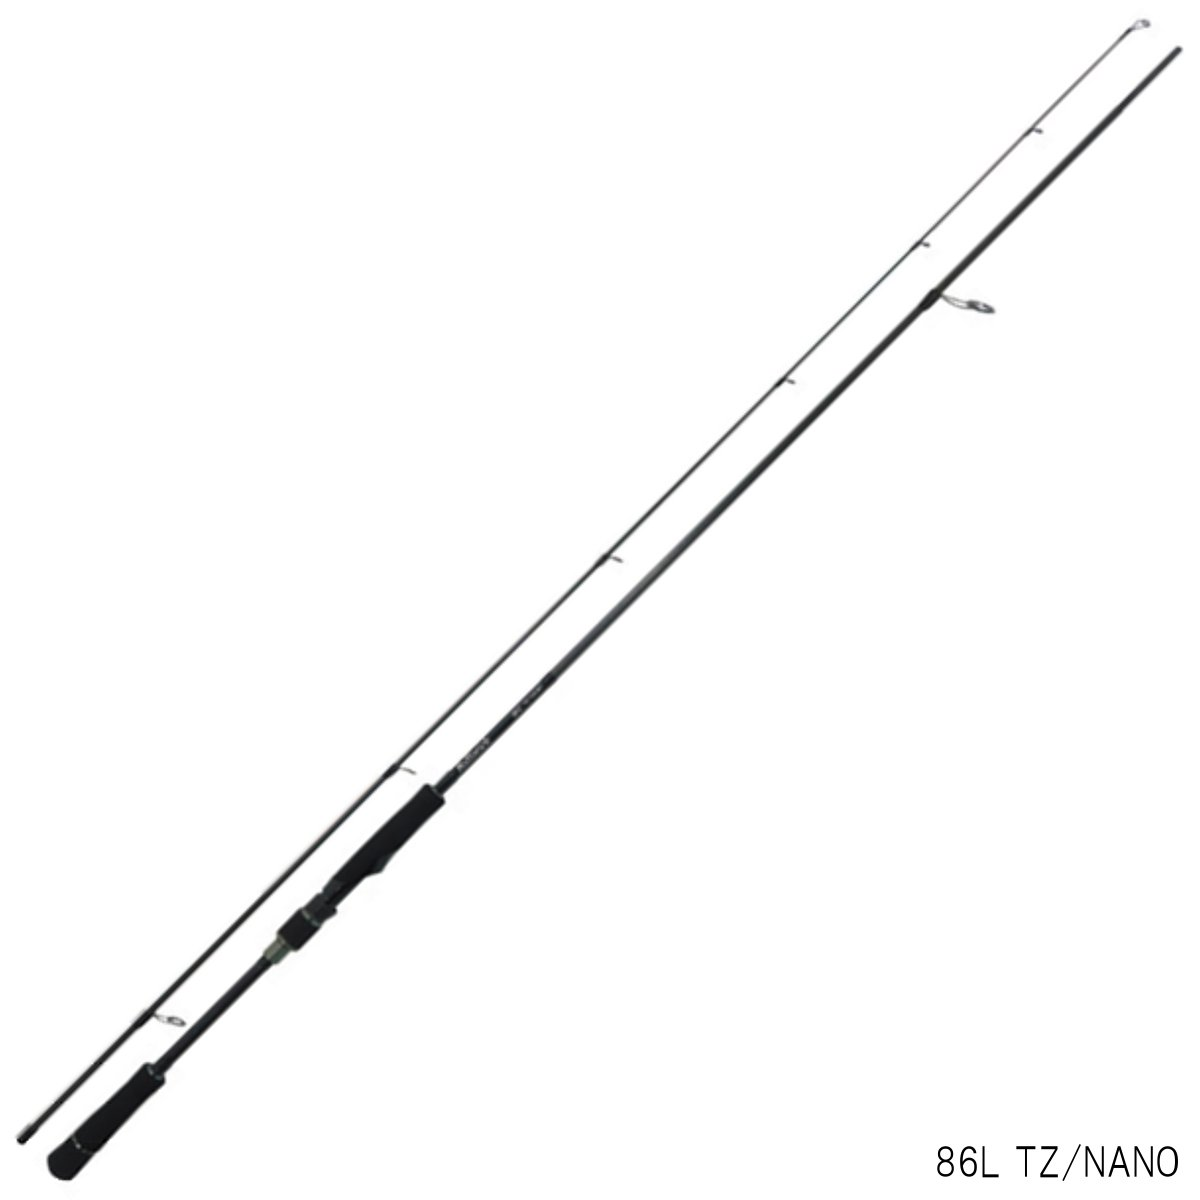 ヤマガブランクス バリスティック 86L TZ/NANO